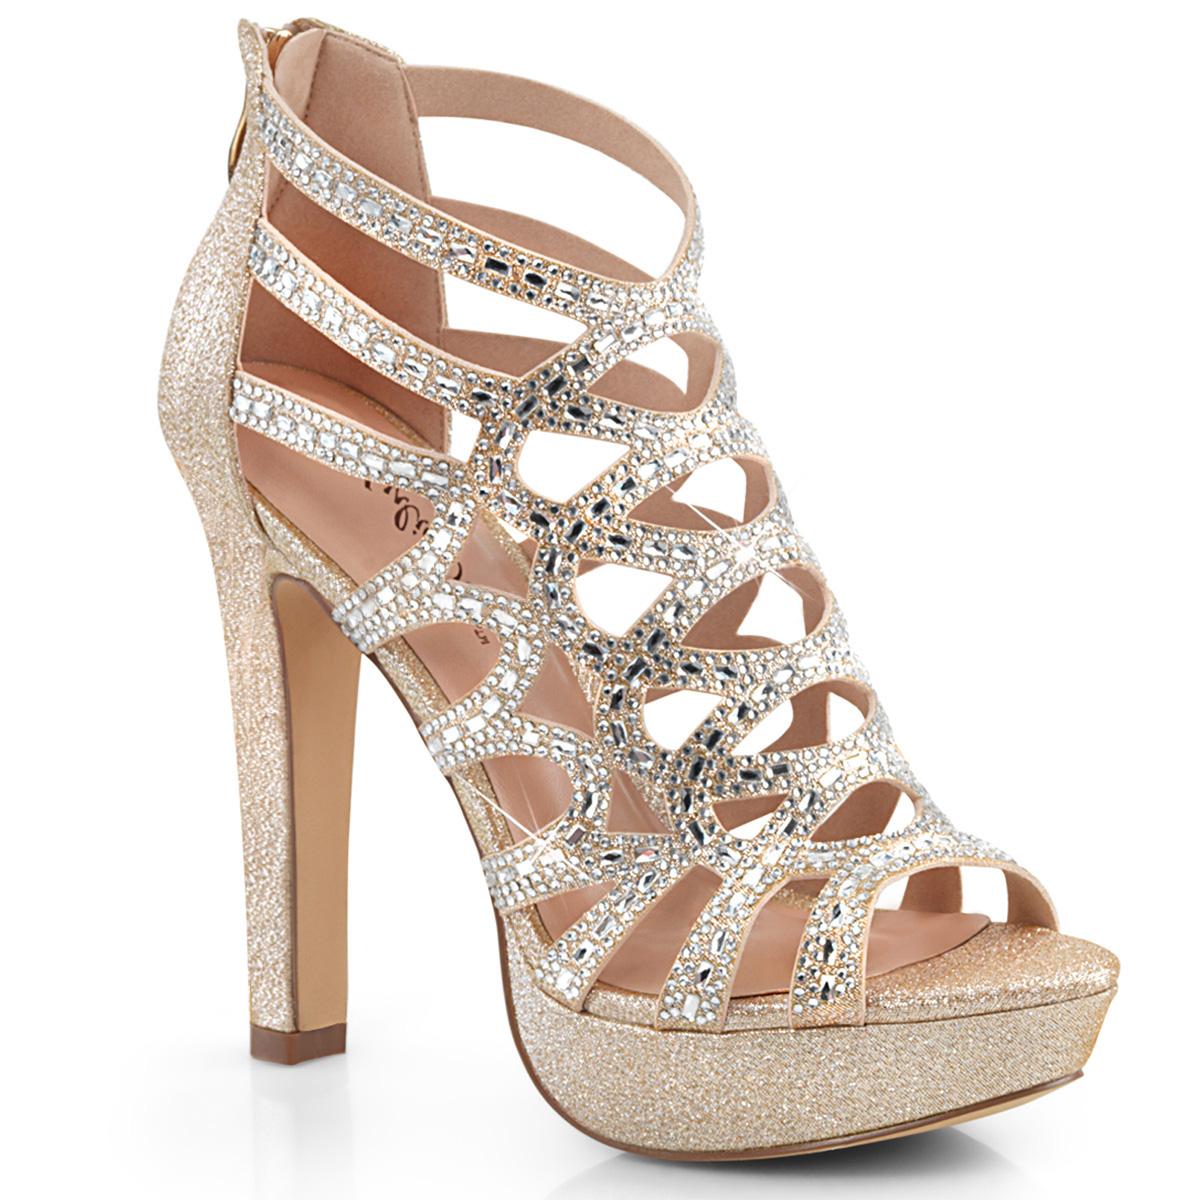 High Heeled Sandal Selene 24 Champagne